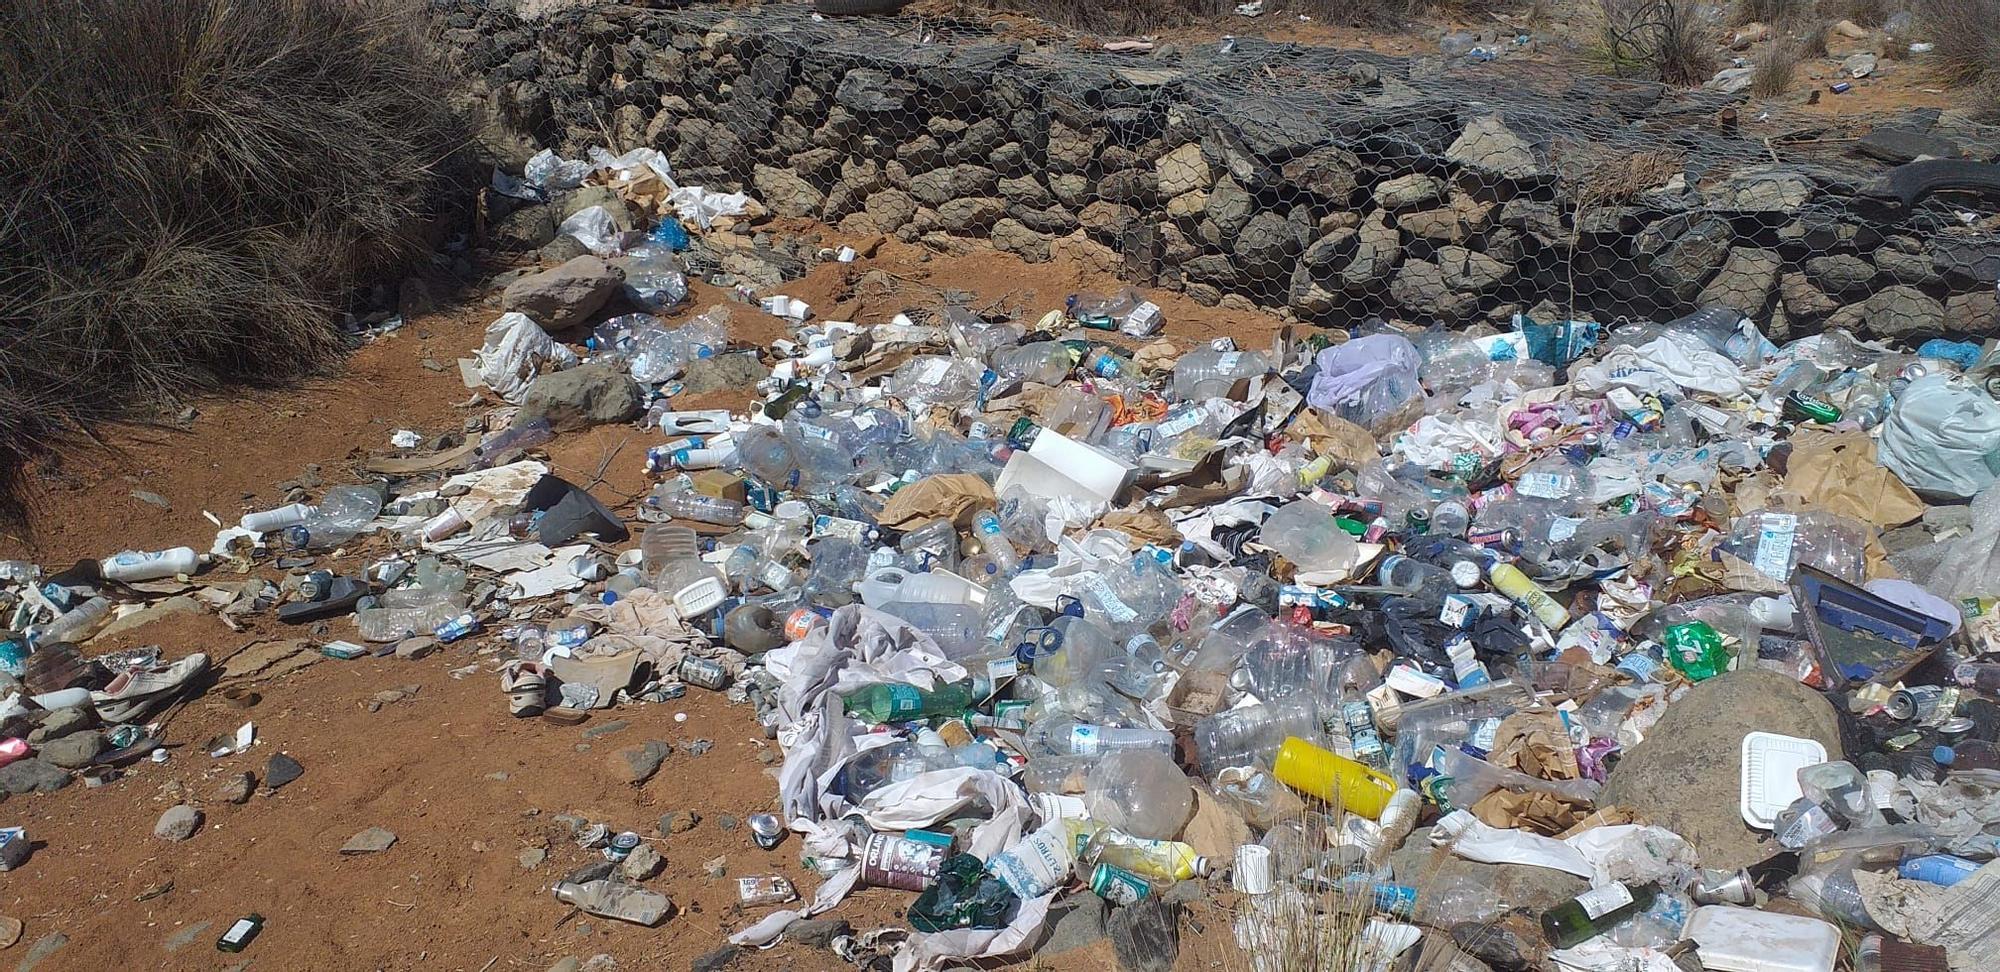 Basura y plásticos en un barranco de San Bartolomé de Tirajana